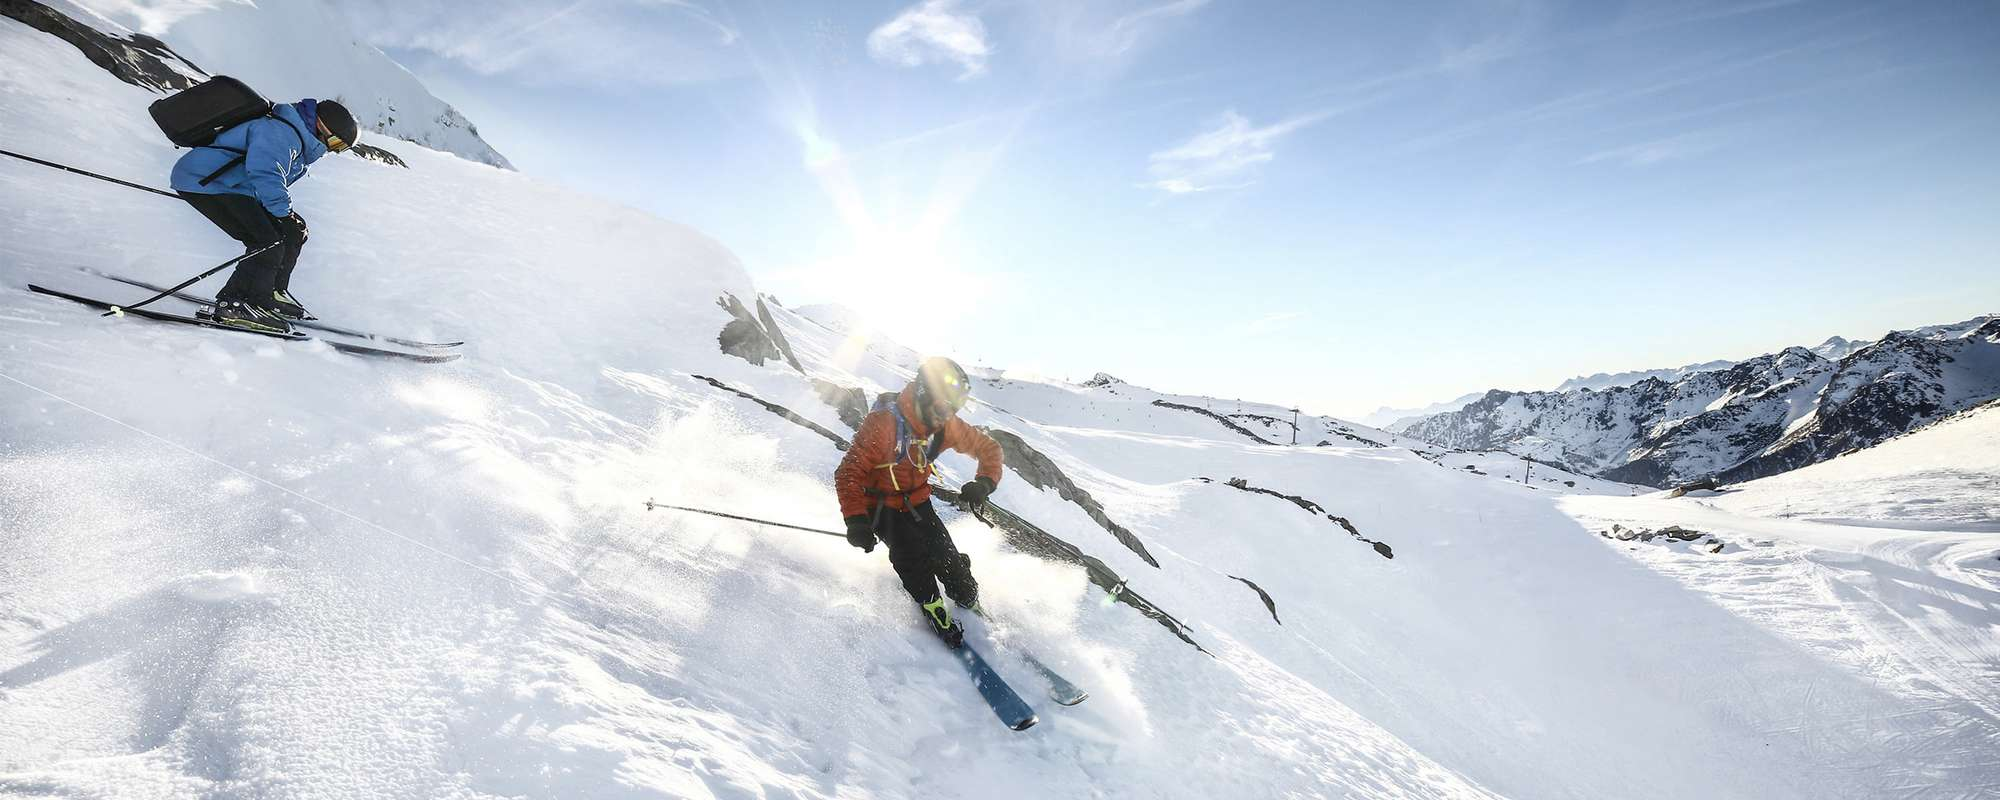 עונת סקי 2022 נפתחה!